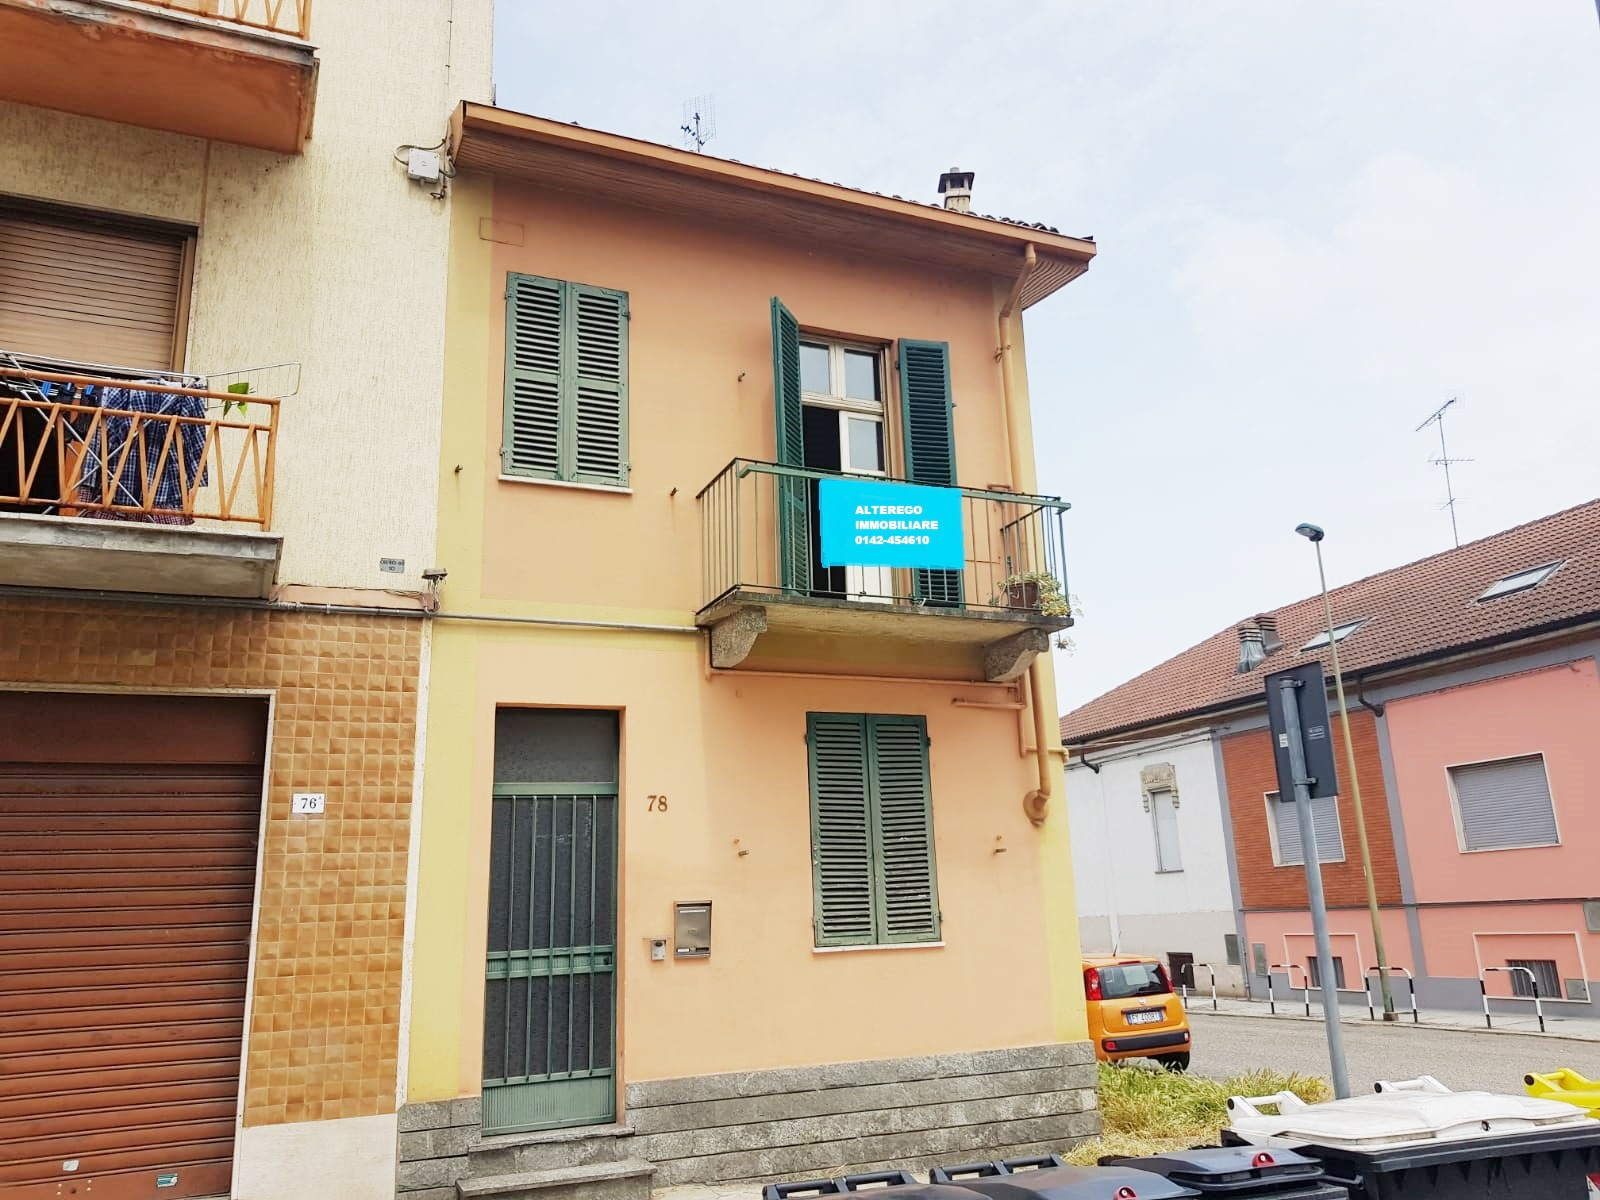 CASALE MONFERRATO (PORTA MILANO) casa indipendente